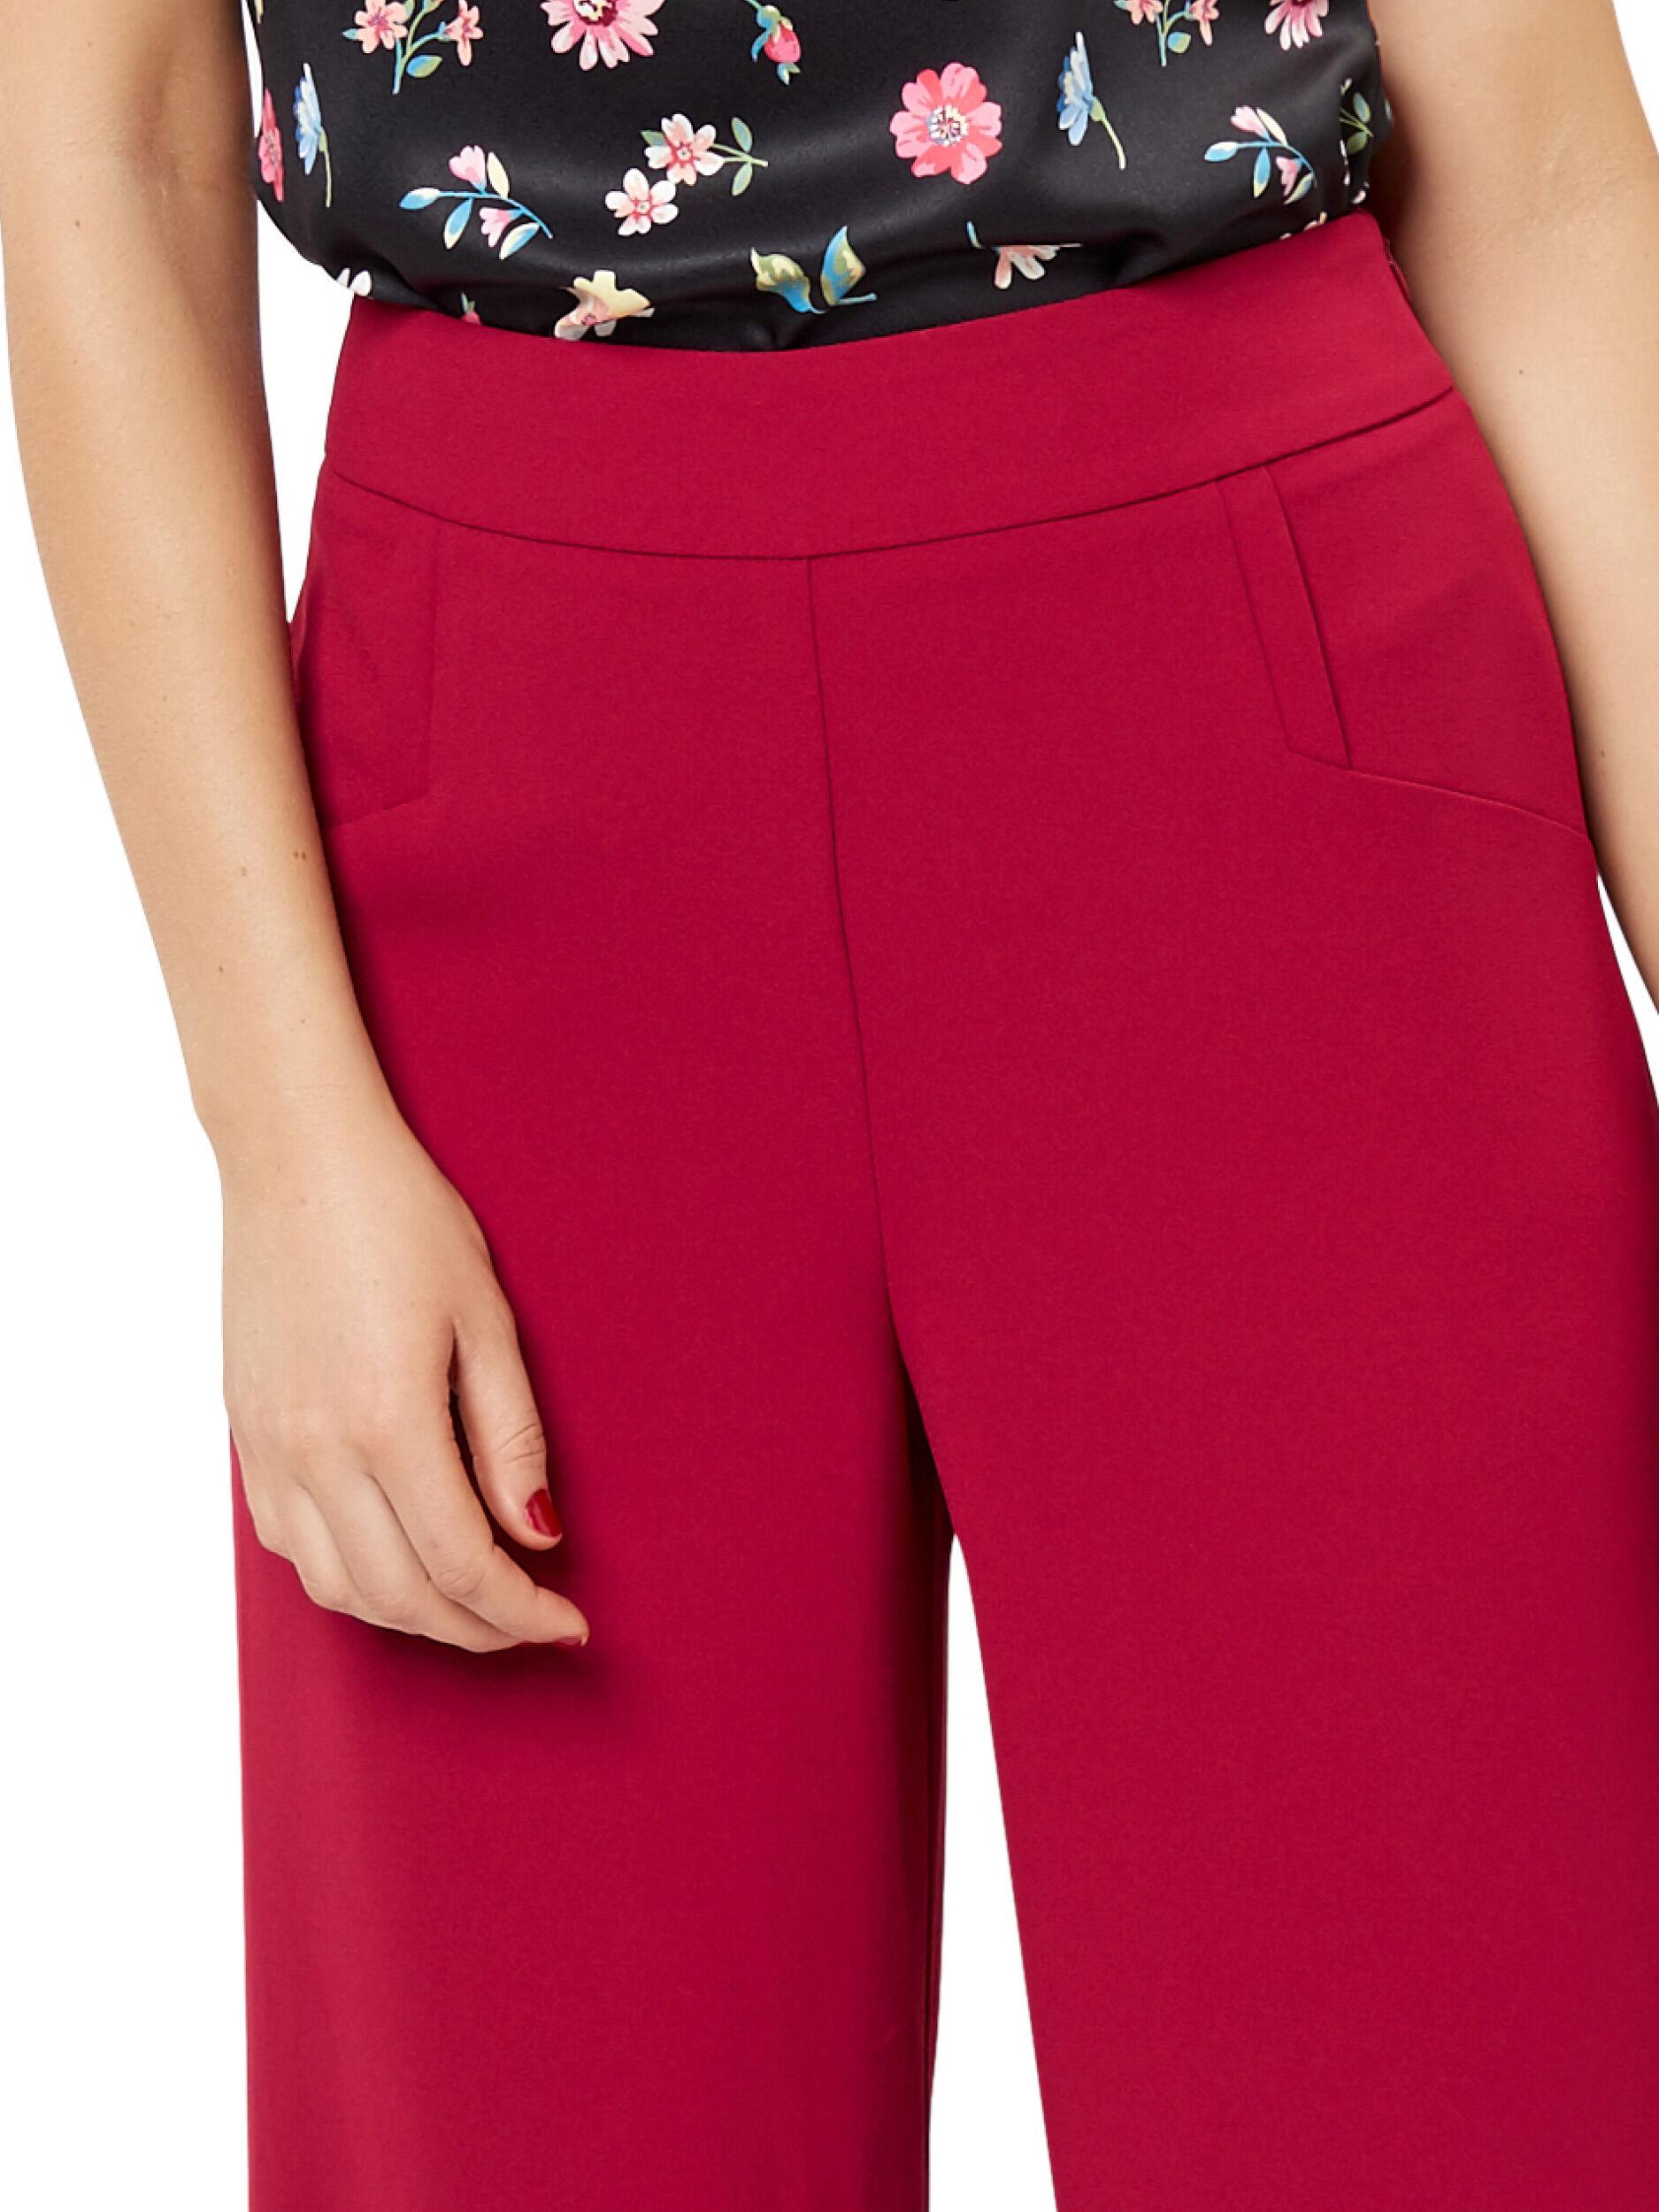 Bertha Pants